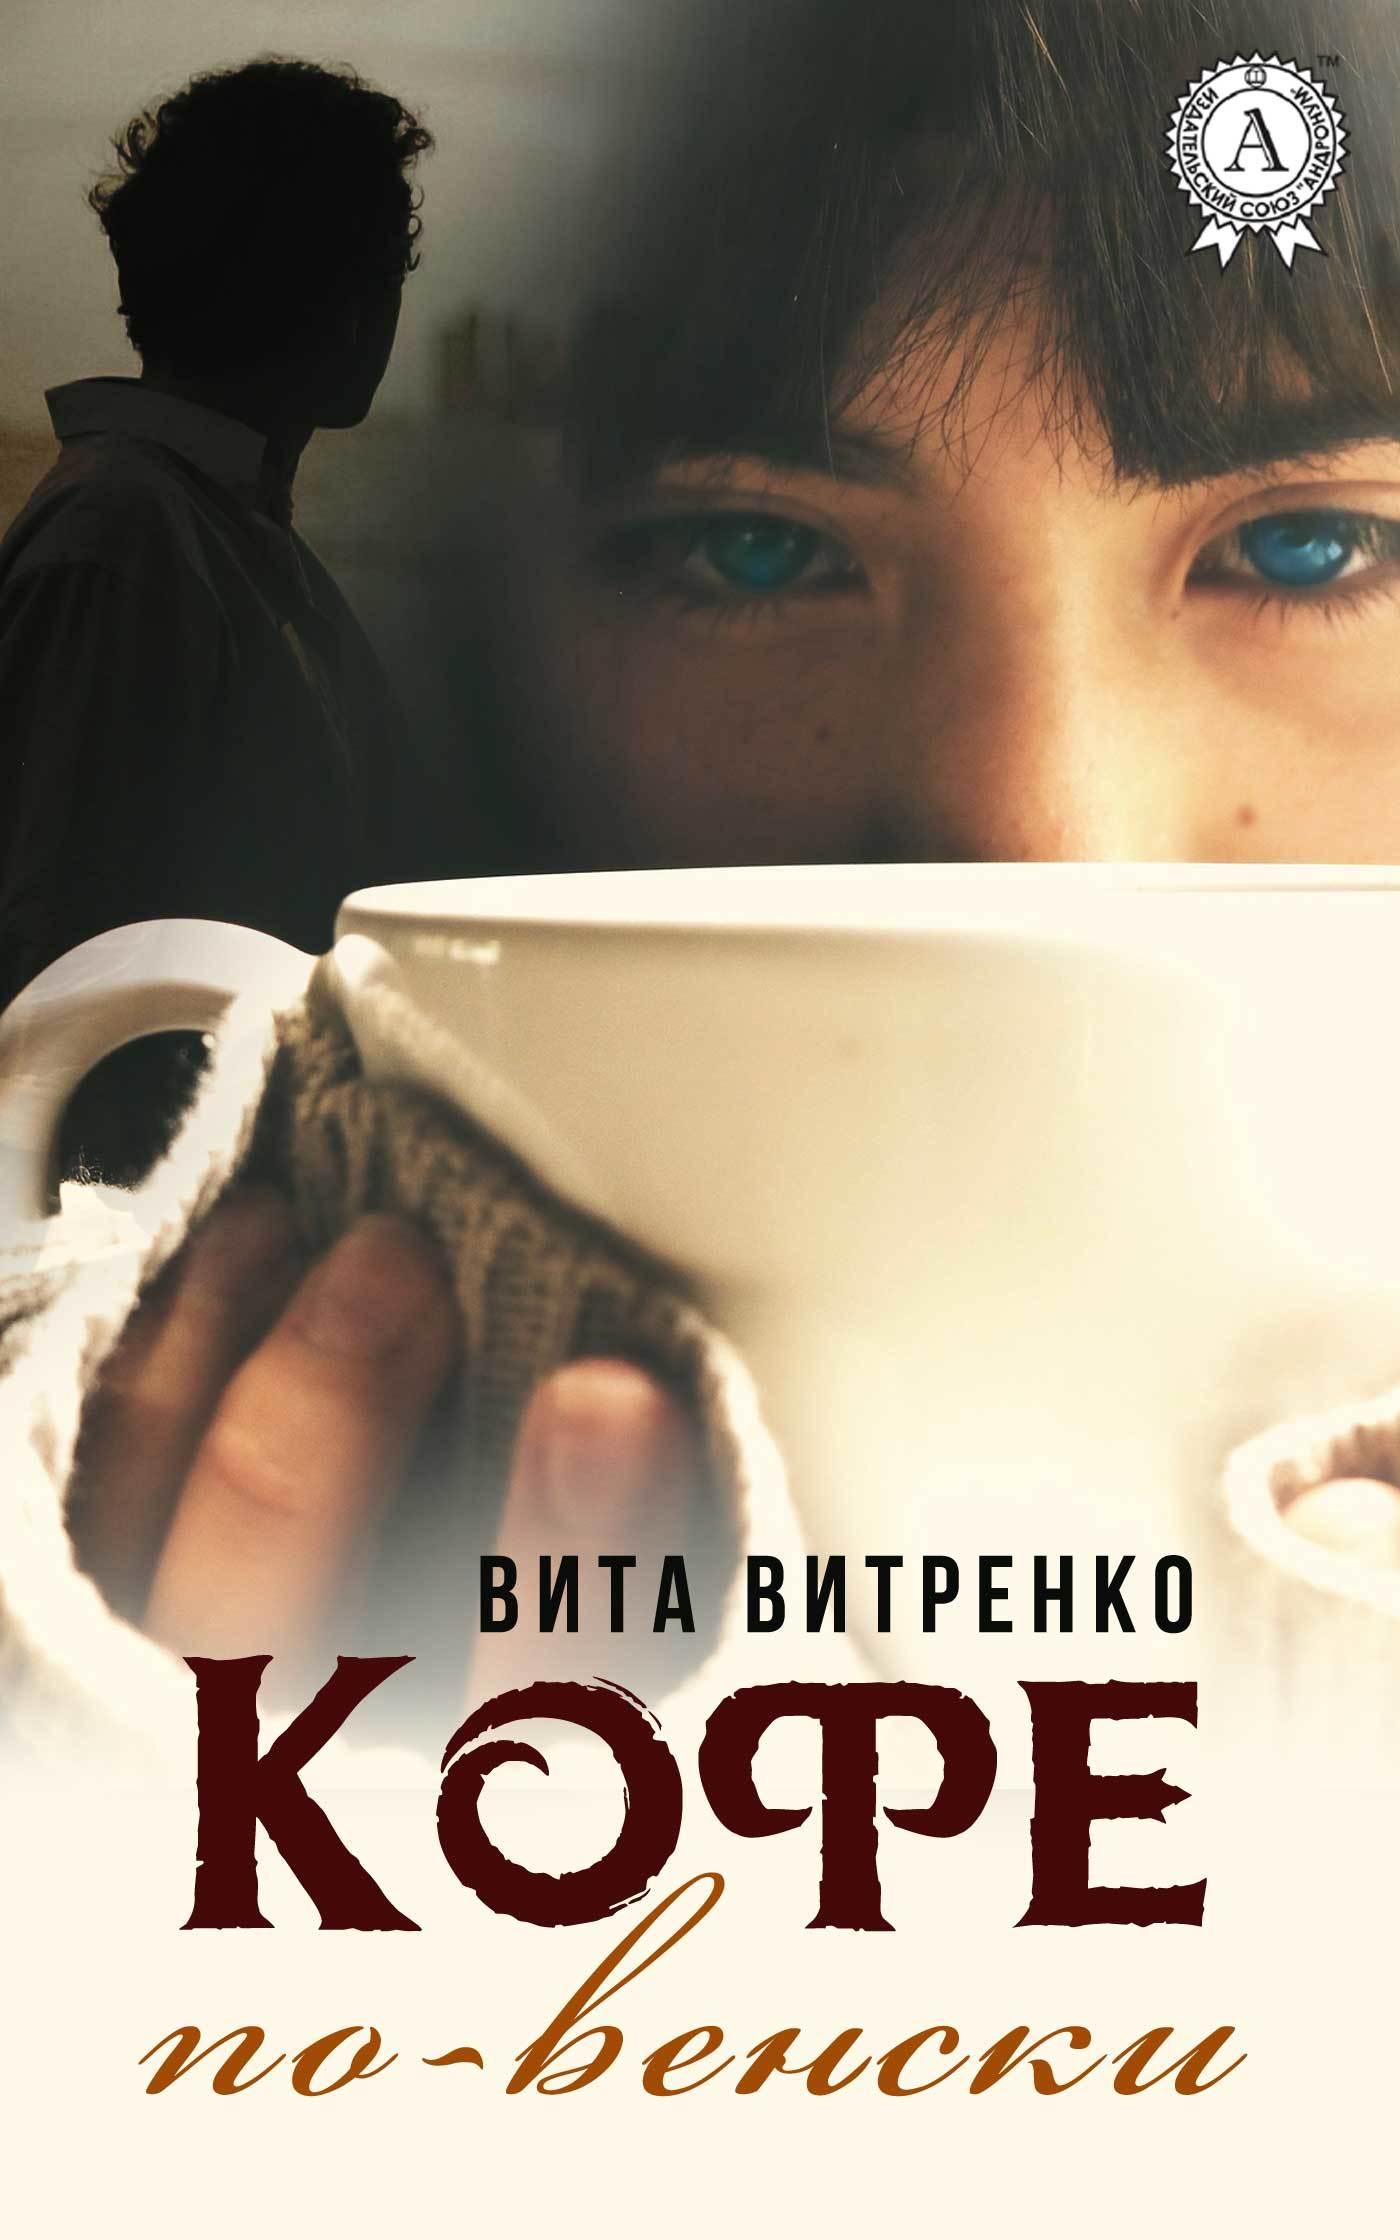 Вита Витренко Кофе по-венски маркетинг girl роман о том как построить любовь и преуспевающий бизнес